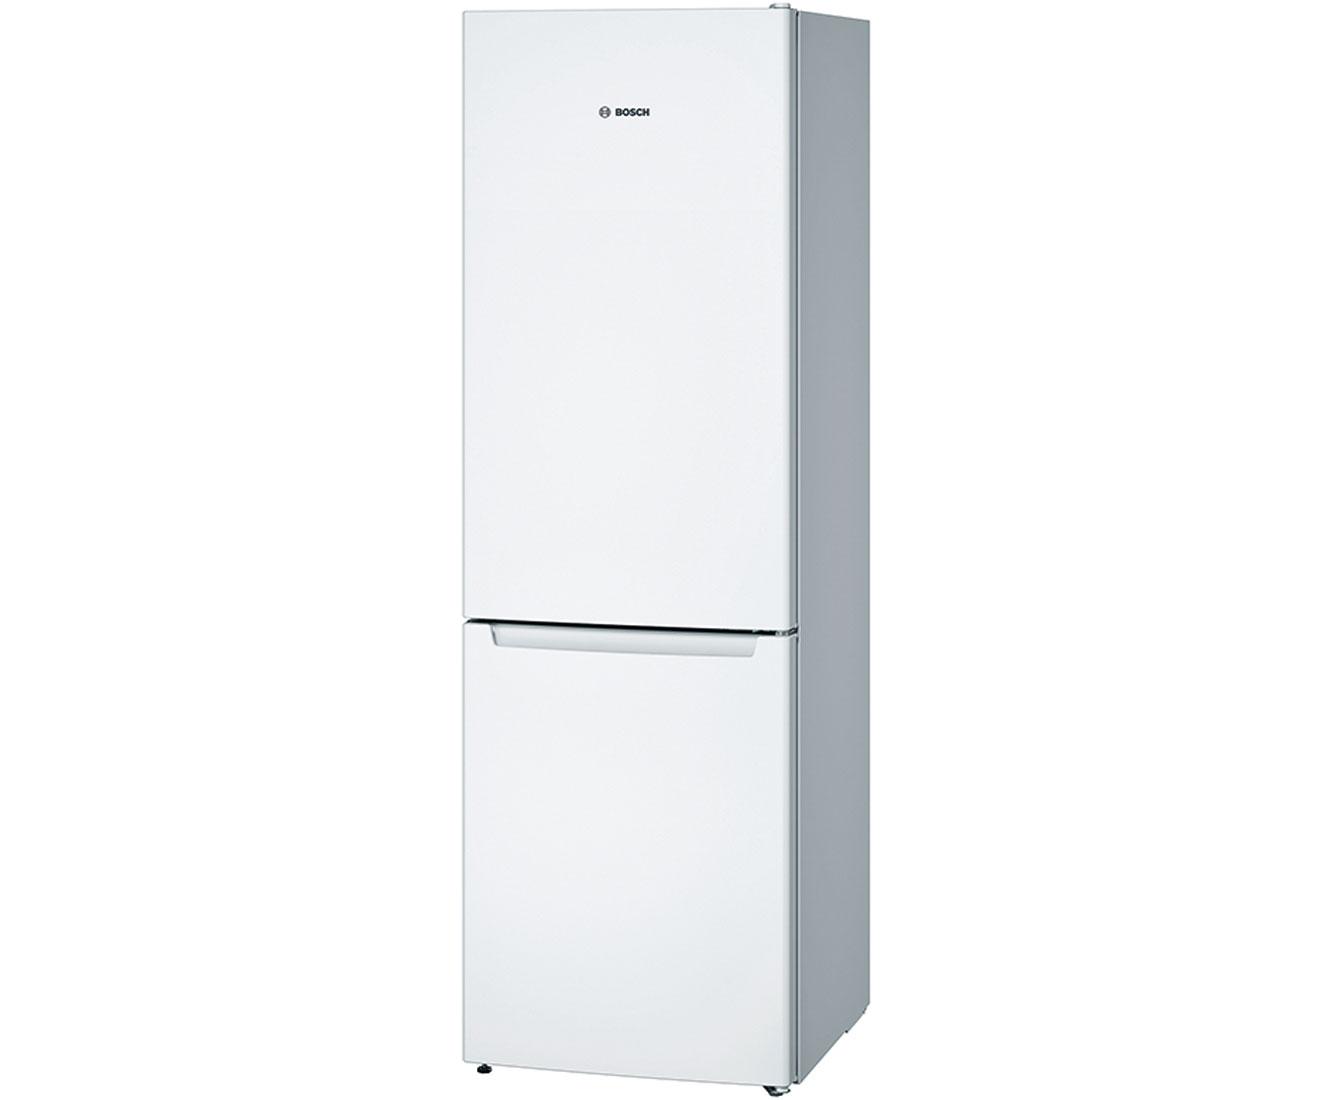 Bosch Kühlschrank Kgn 33 48 : Bosch serie kgn nw kühl gefrierkombination mit no frost